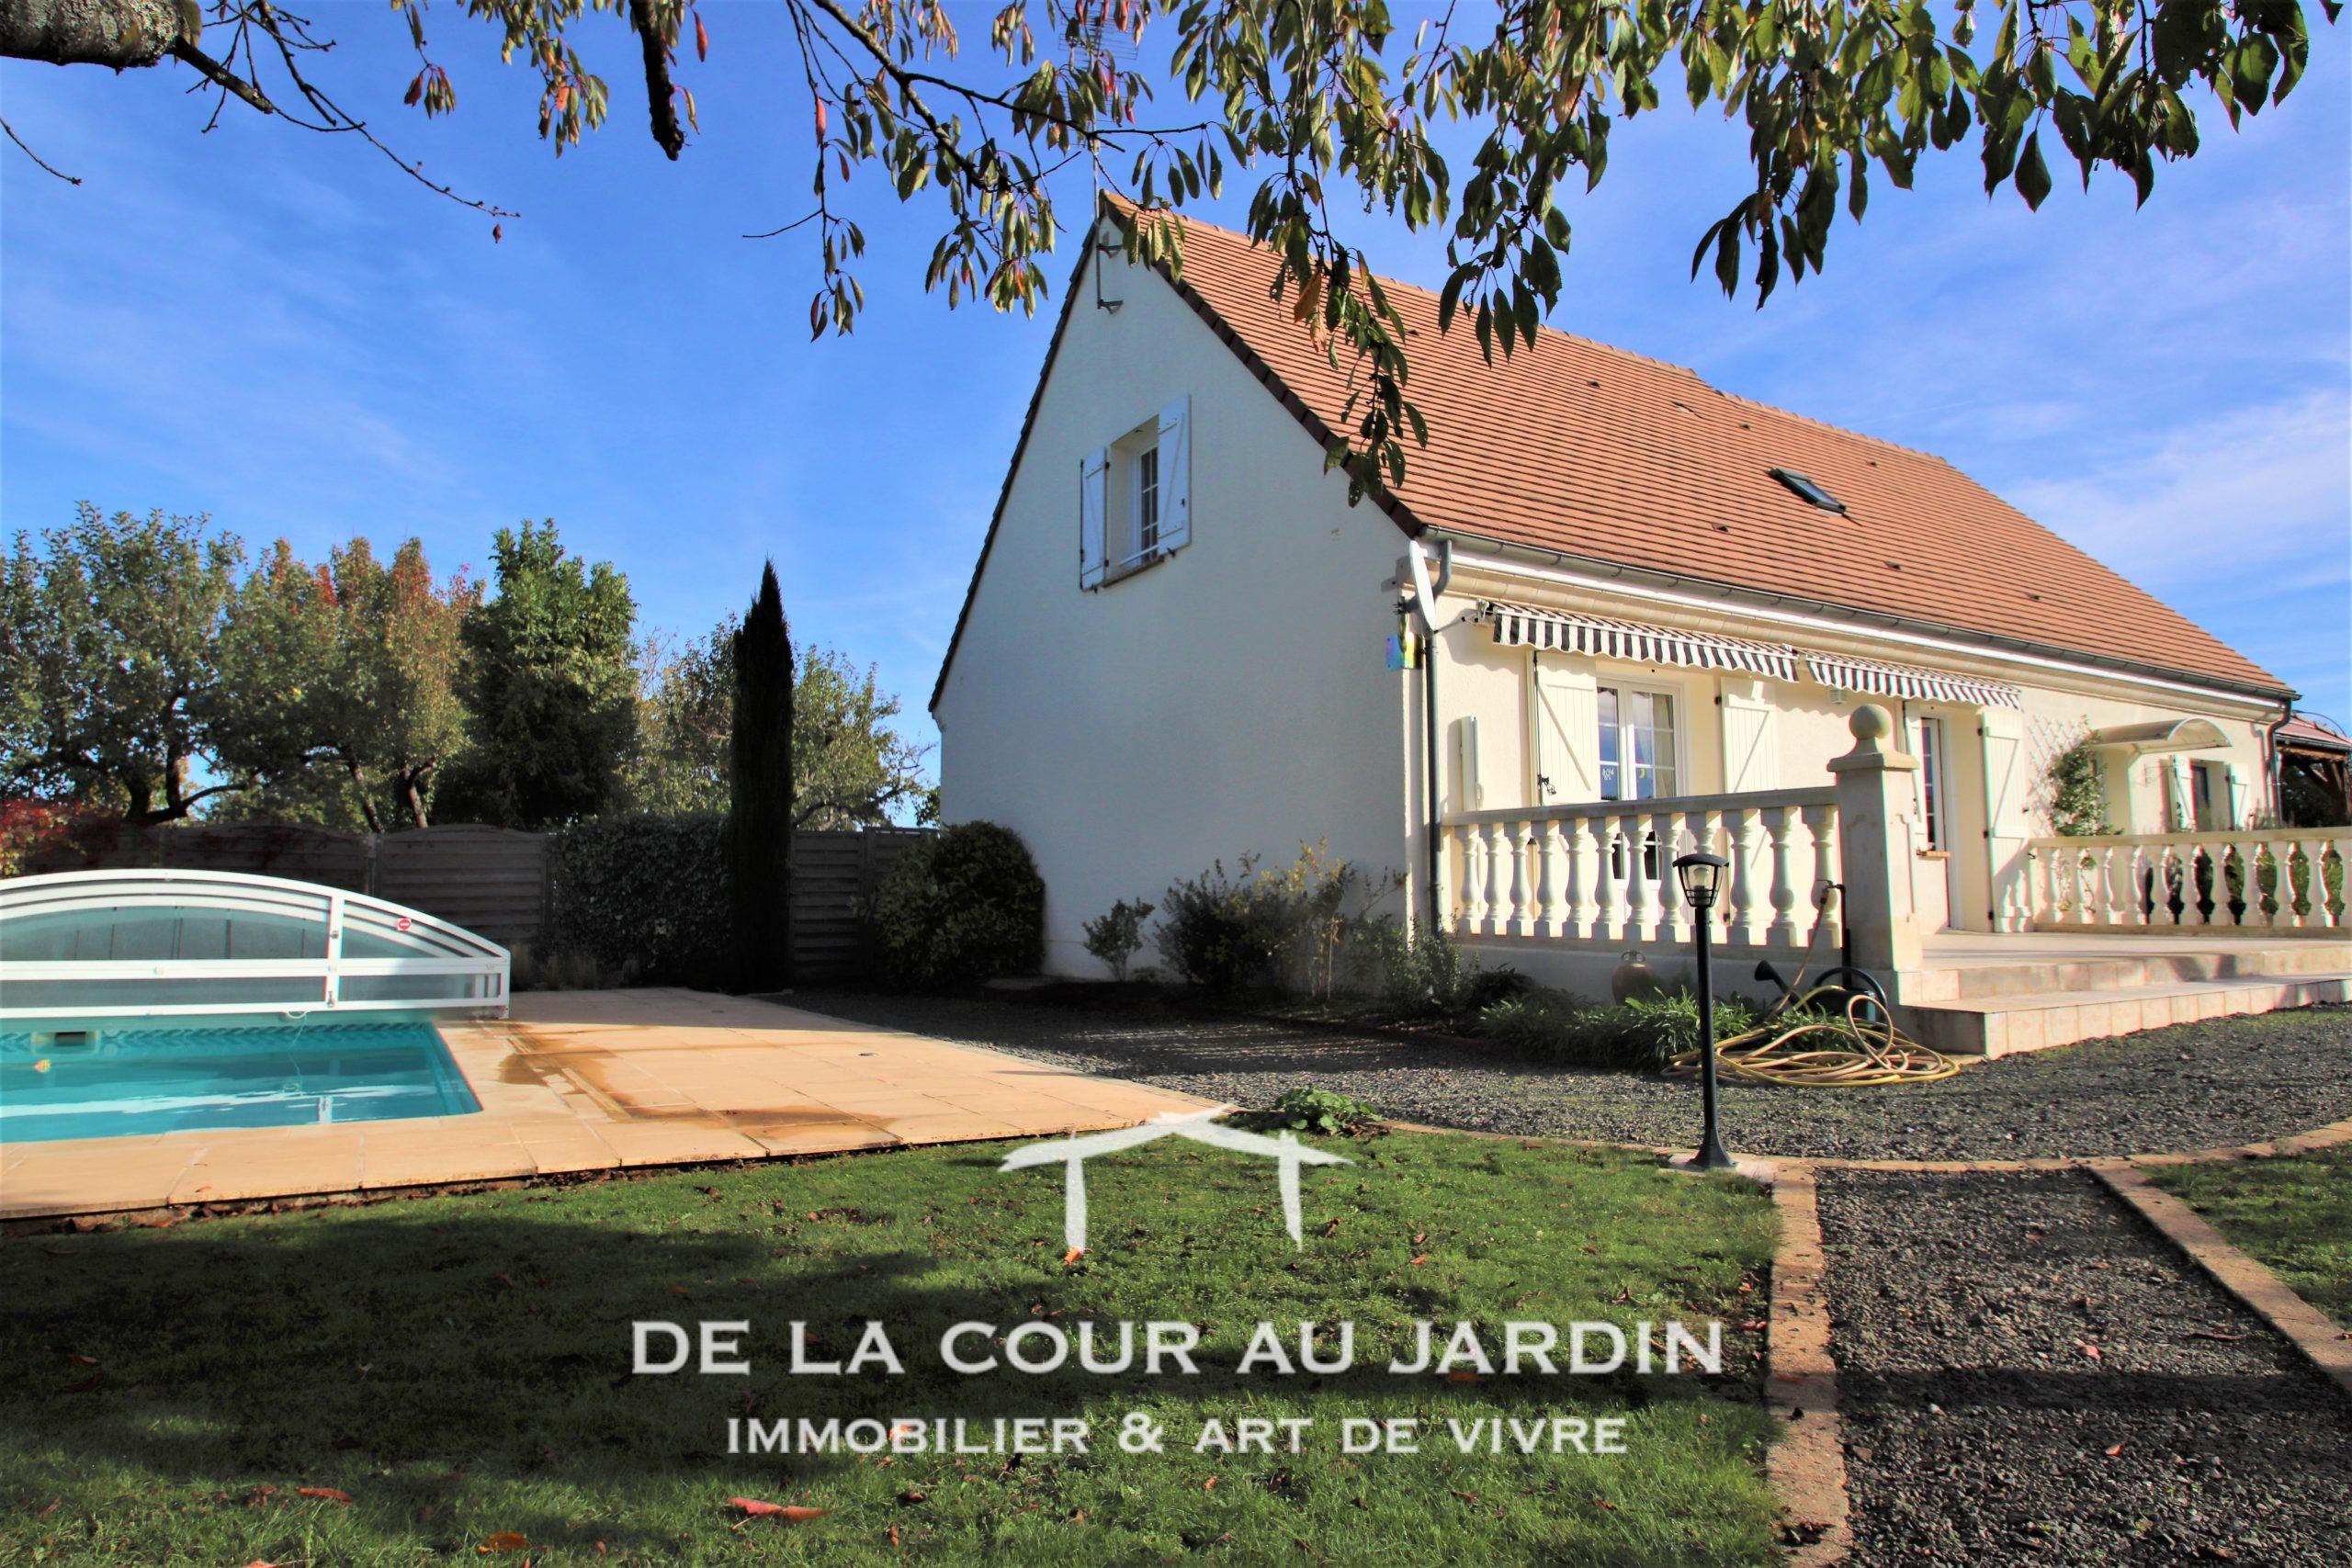 Maison Avec Piscine, Une Exclusivite Proche La Chatre - De ... à Piscine La Chatre